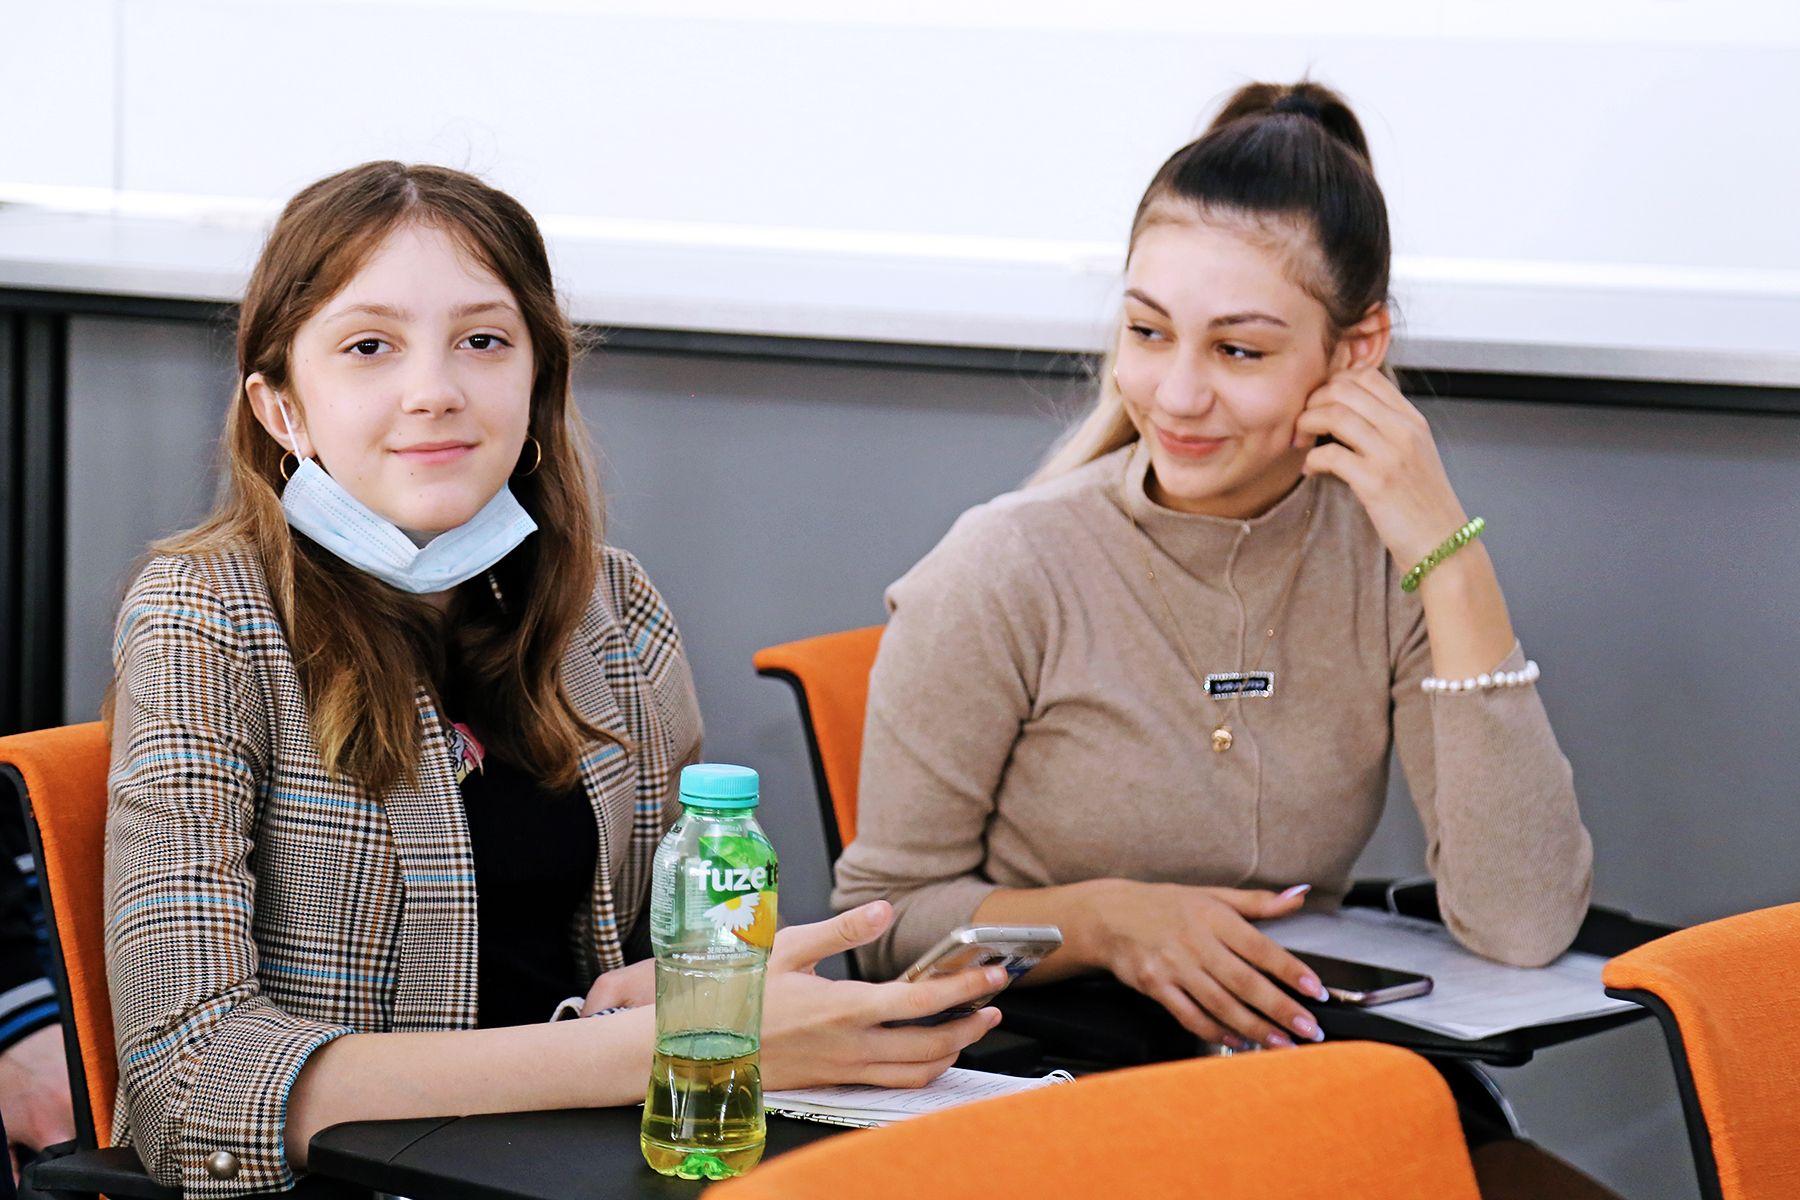 XVIII Международная молодёжная экологическая конференция «Человек и биосфера» во ВГУЭС: пять научно-исследовательских секций и более 200 участников